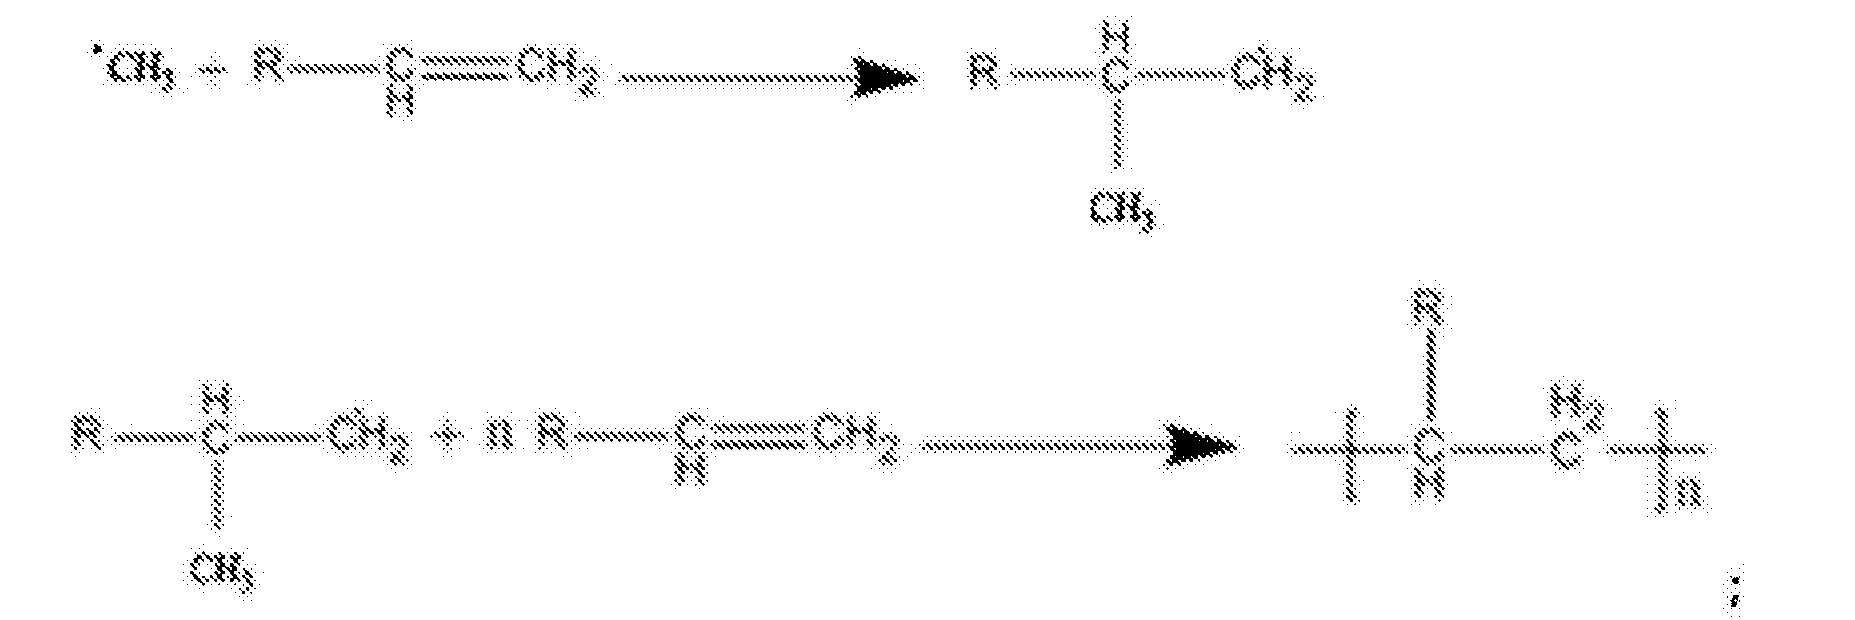 Figure CN104238198BC00023